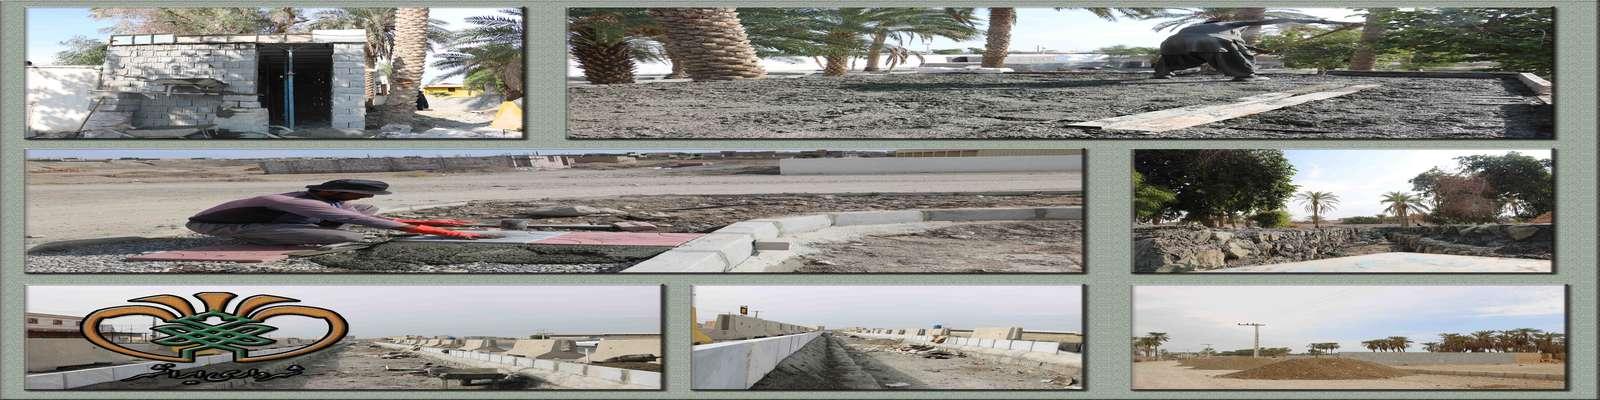 فعالیت های عمرانی و خدماتی در حال انجام شهرداری ایرانشهردر نقاط مختلف شهر